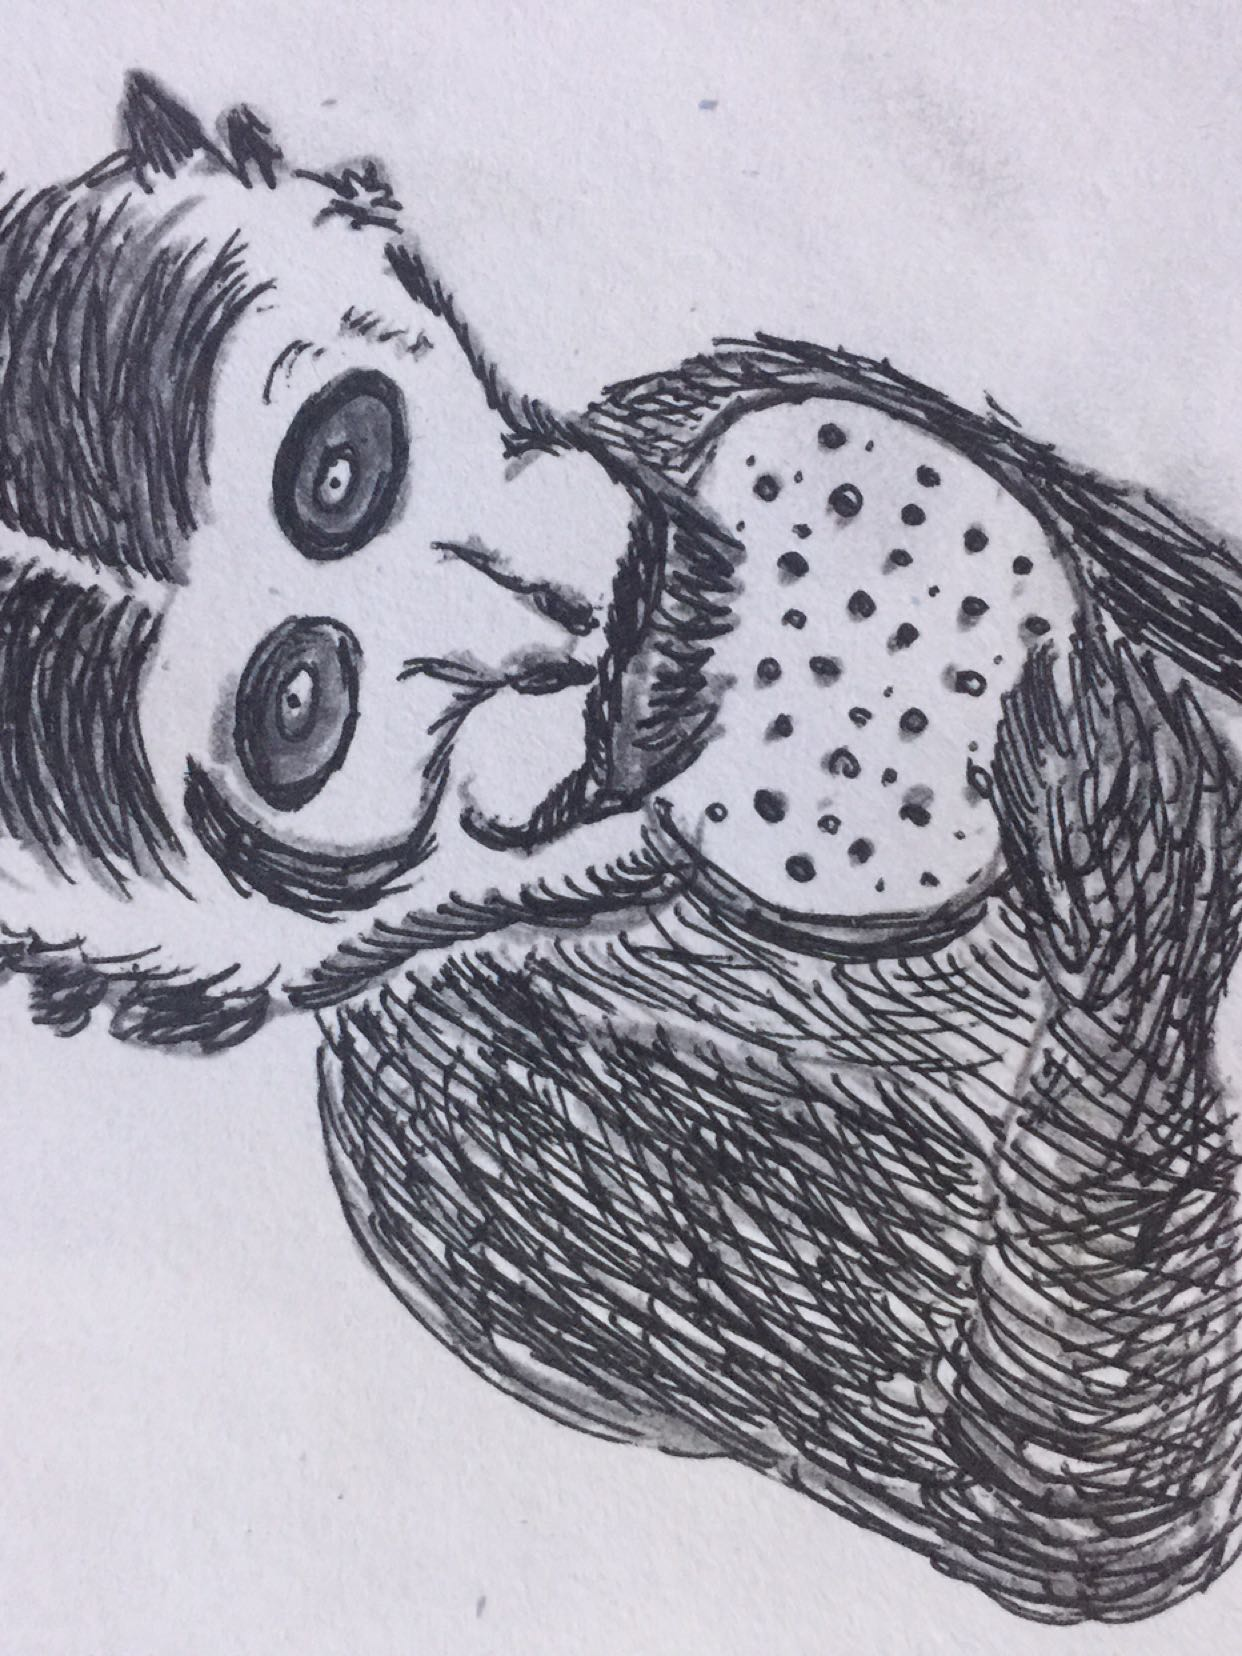 素描猴子头像图 可爱